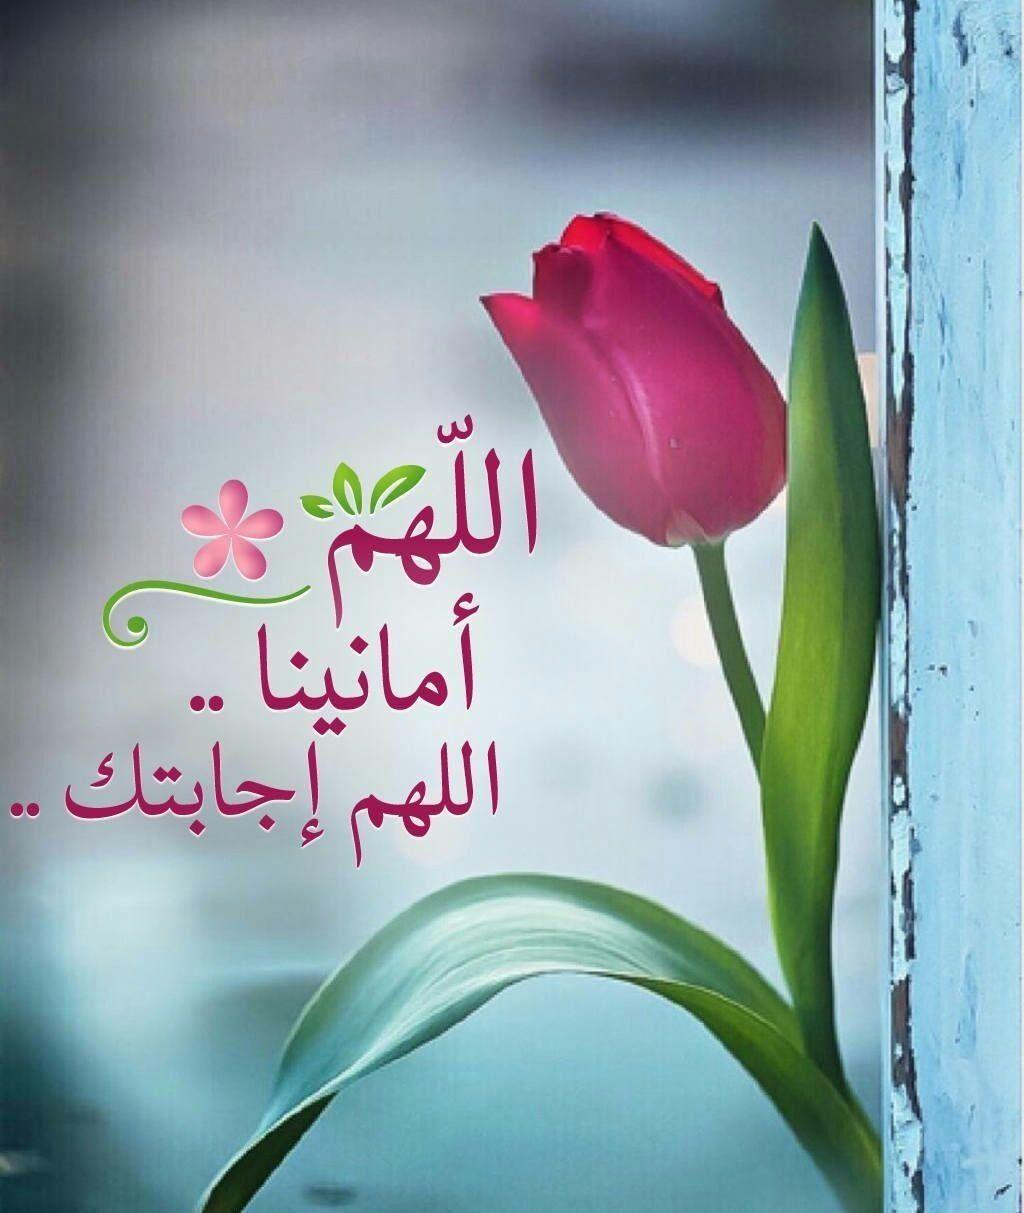 اذكار المسلم أذكر الله أين ما كنت Islamic Pictures Islam Quran Islam